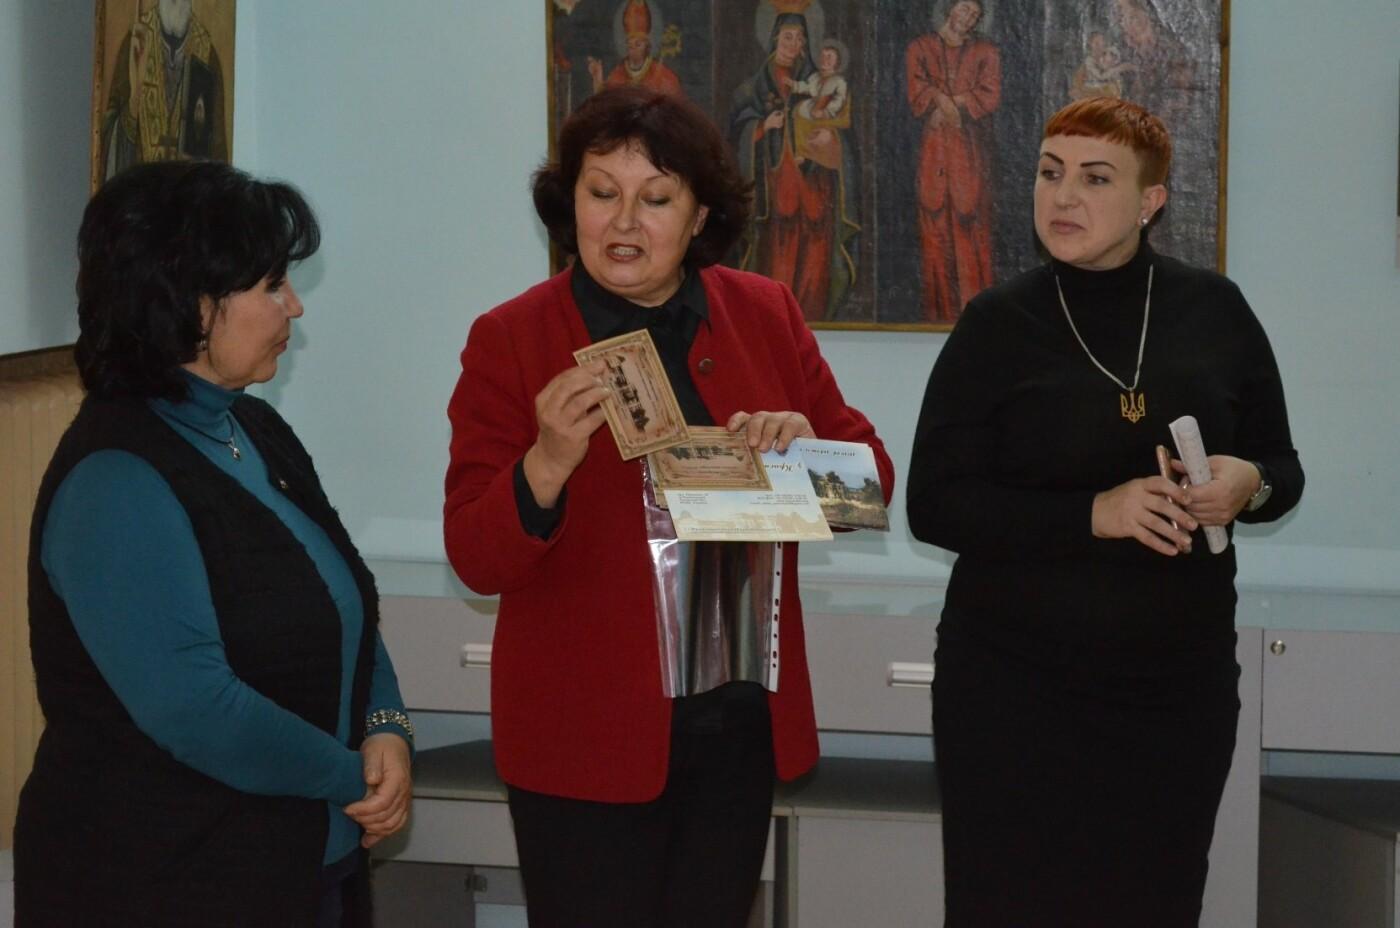 В мелитопольском музее открылась выставка икон Святого Николая, - ФОТО, фото-2